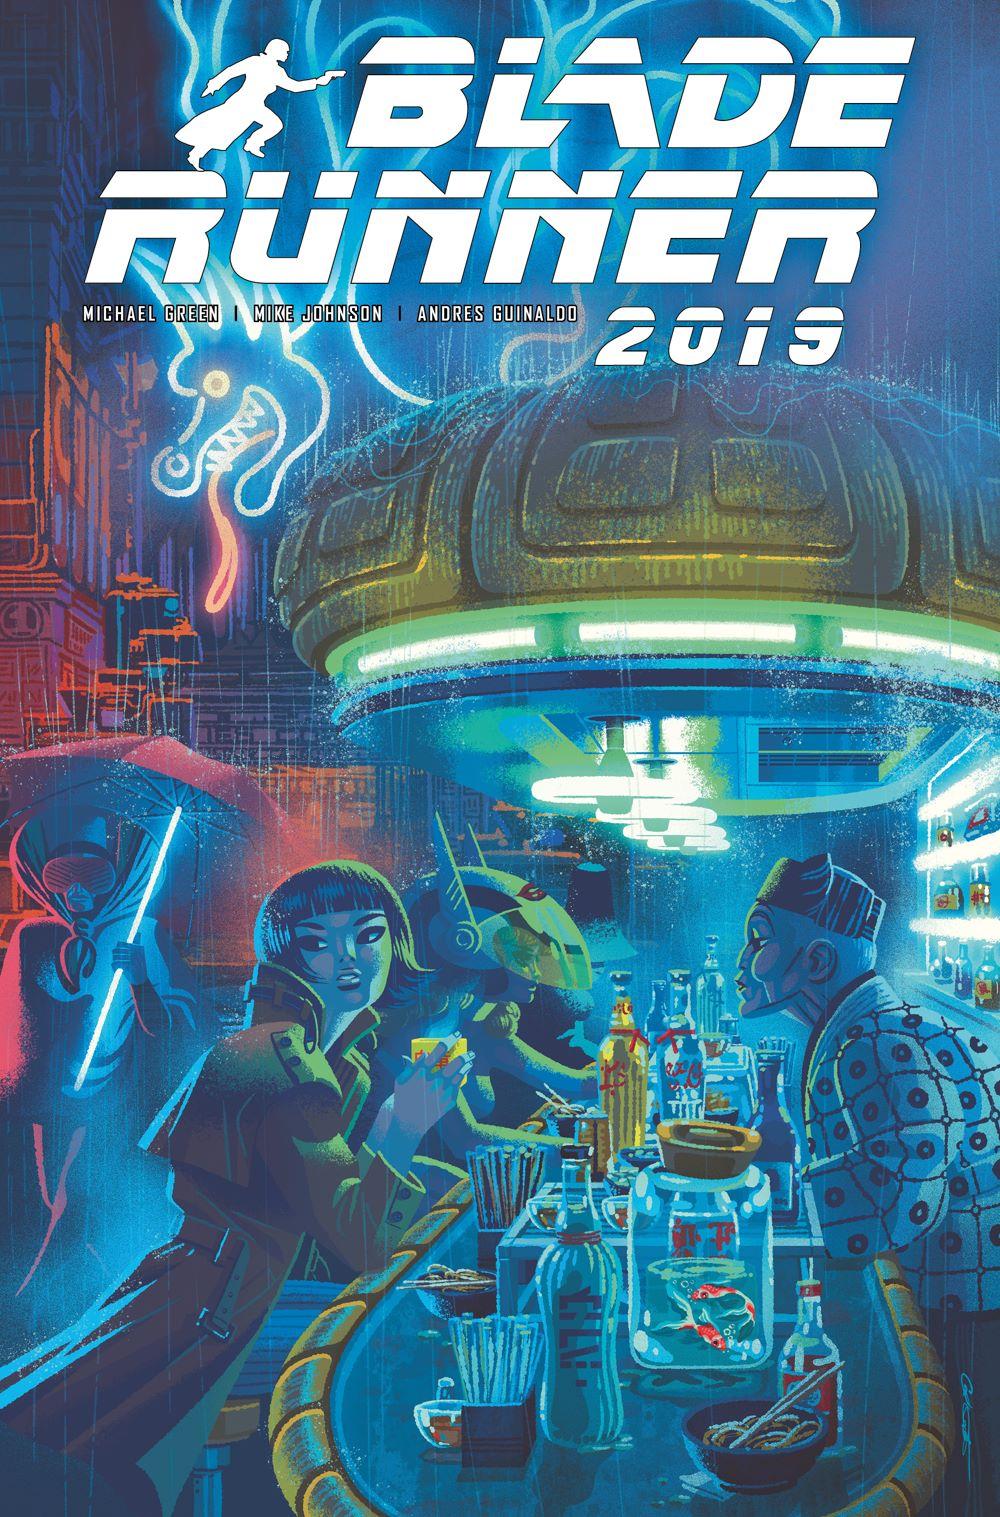 Blade-Runner-2019-9D ComicList Previews: BLADE RUNNER 2019 #9